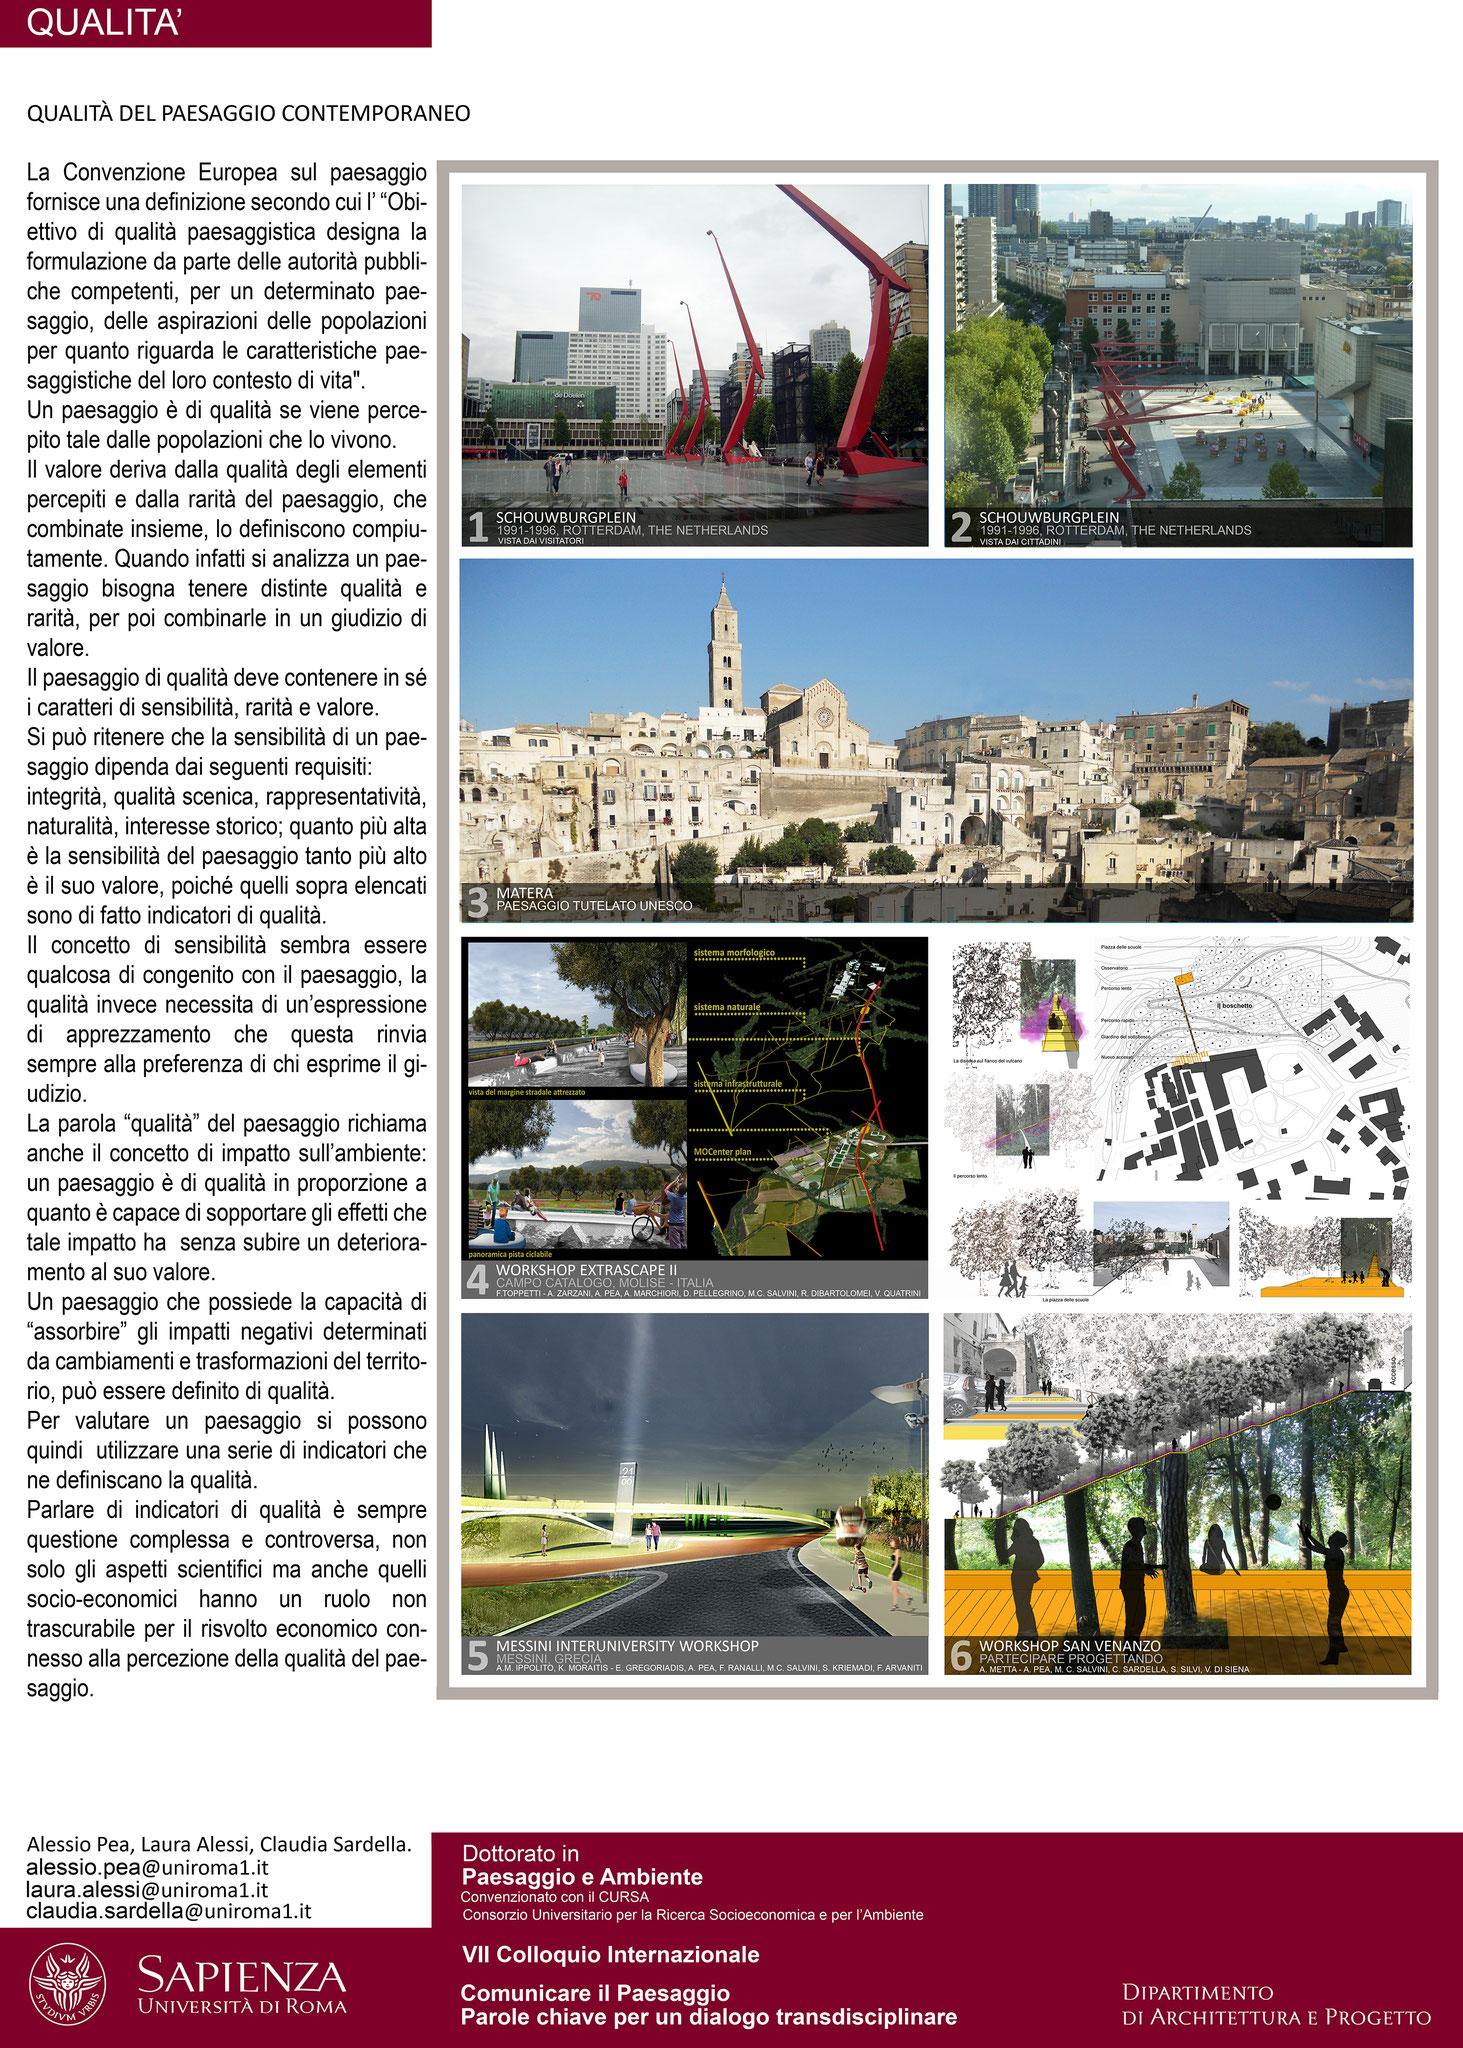 Qualità del Paesaggio Contemporaneo - © L. Alessi, A. Pea, C. Sardella